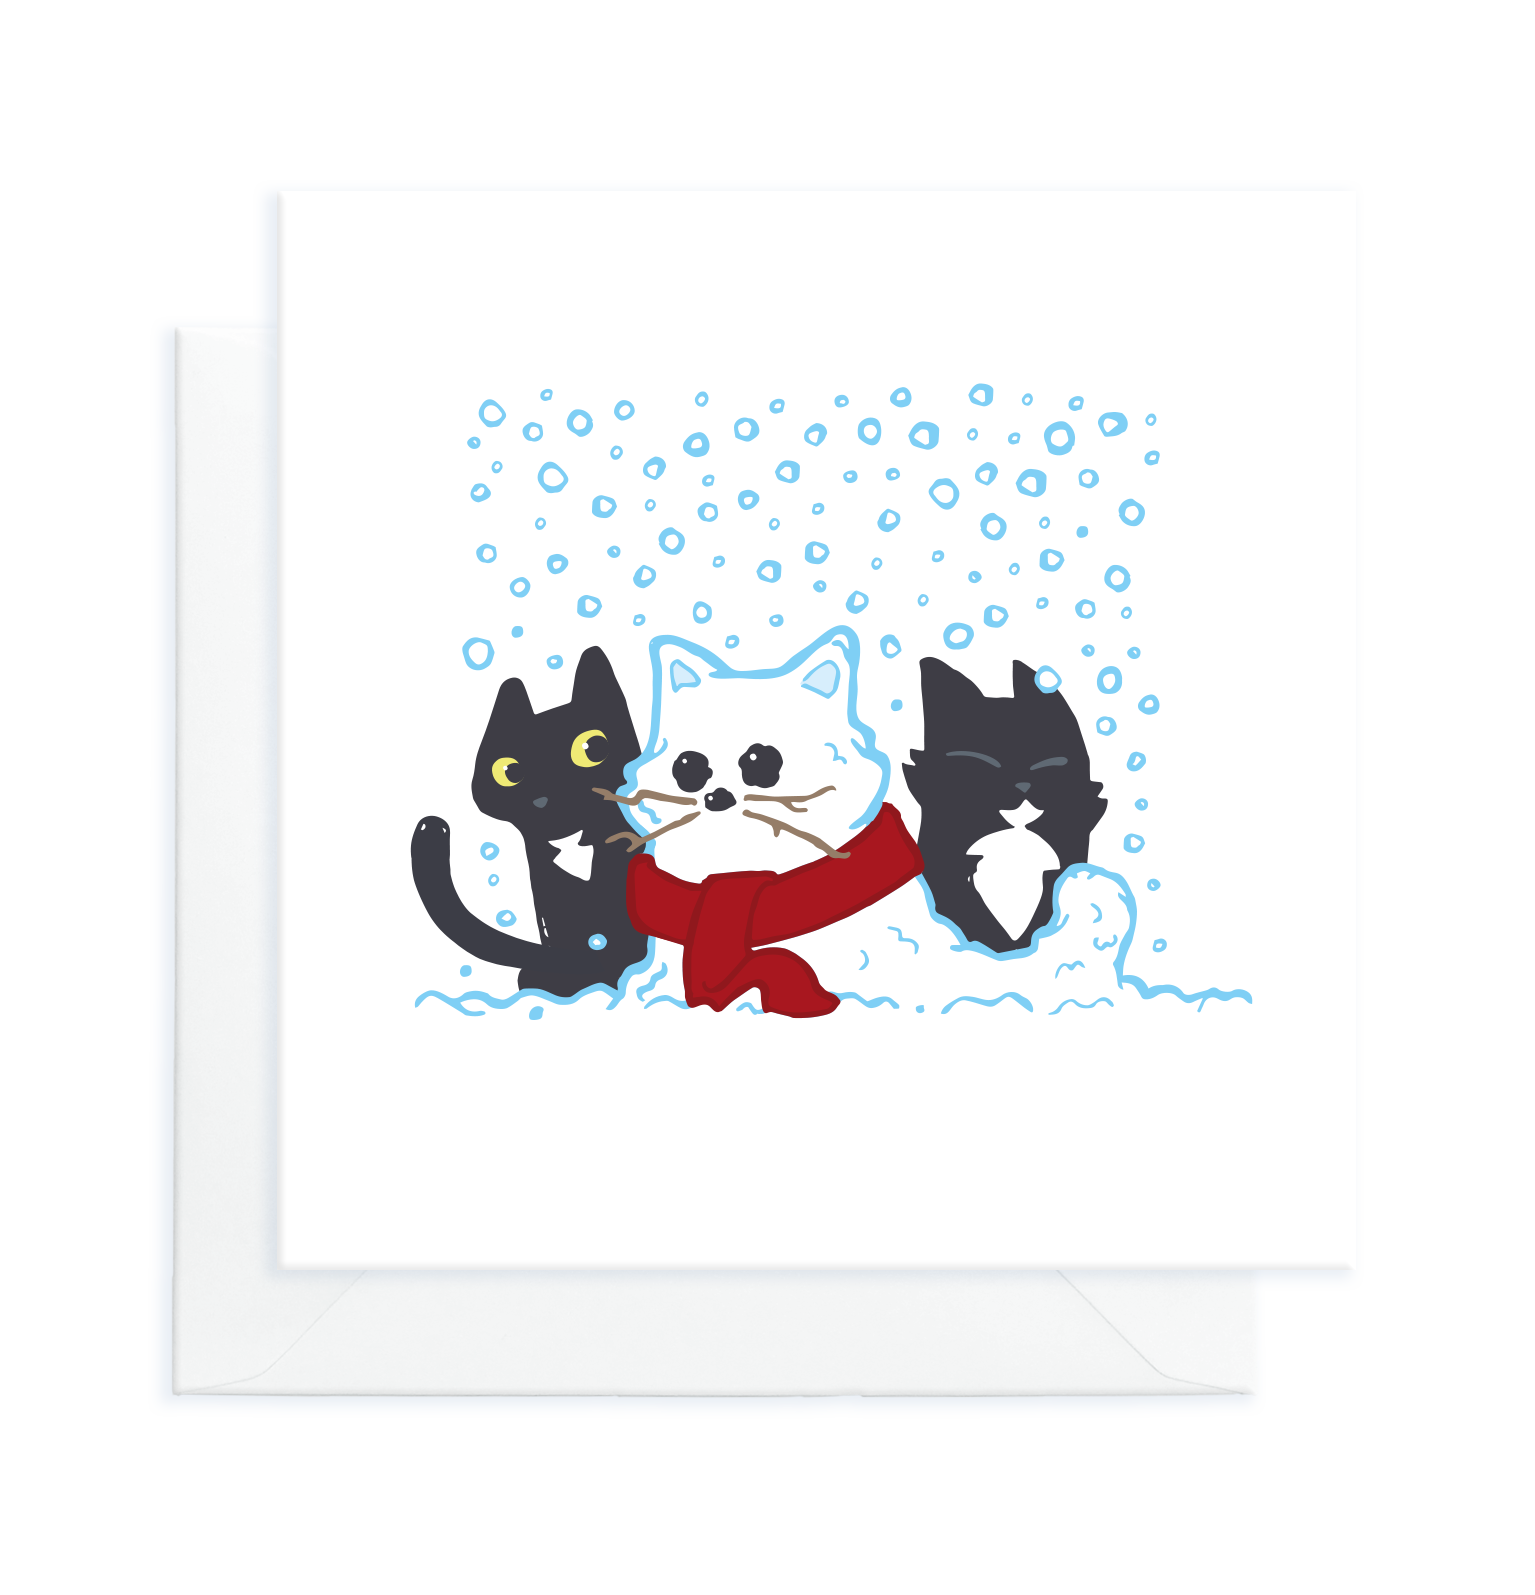 Xmas2018_WHITE_SNOWCAT_FLAT_NO_BG.png